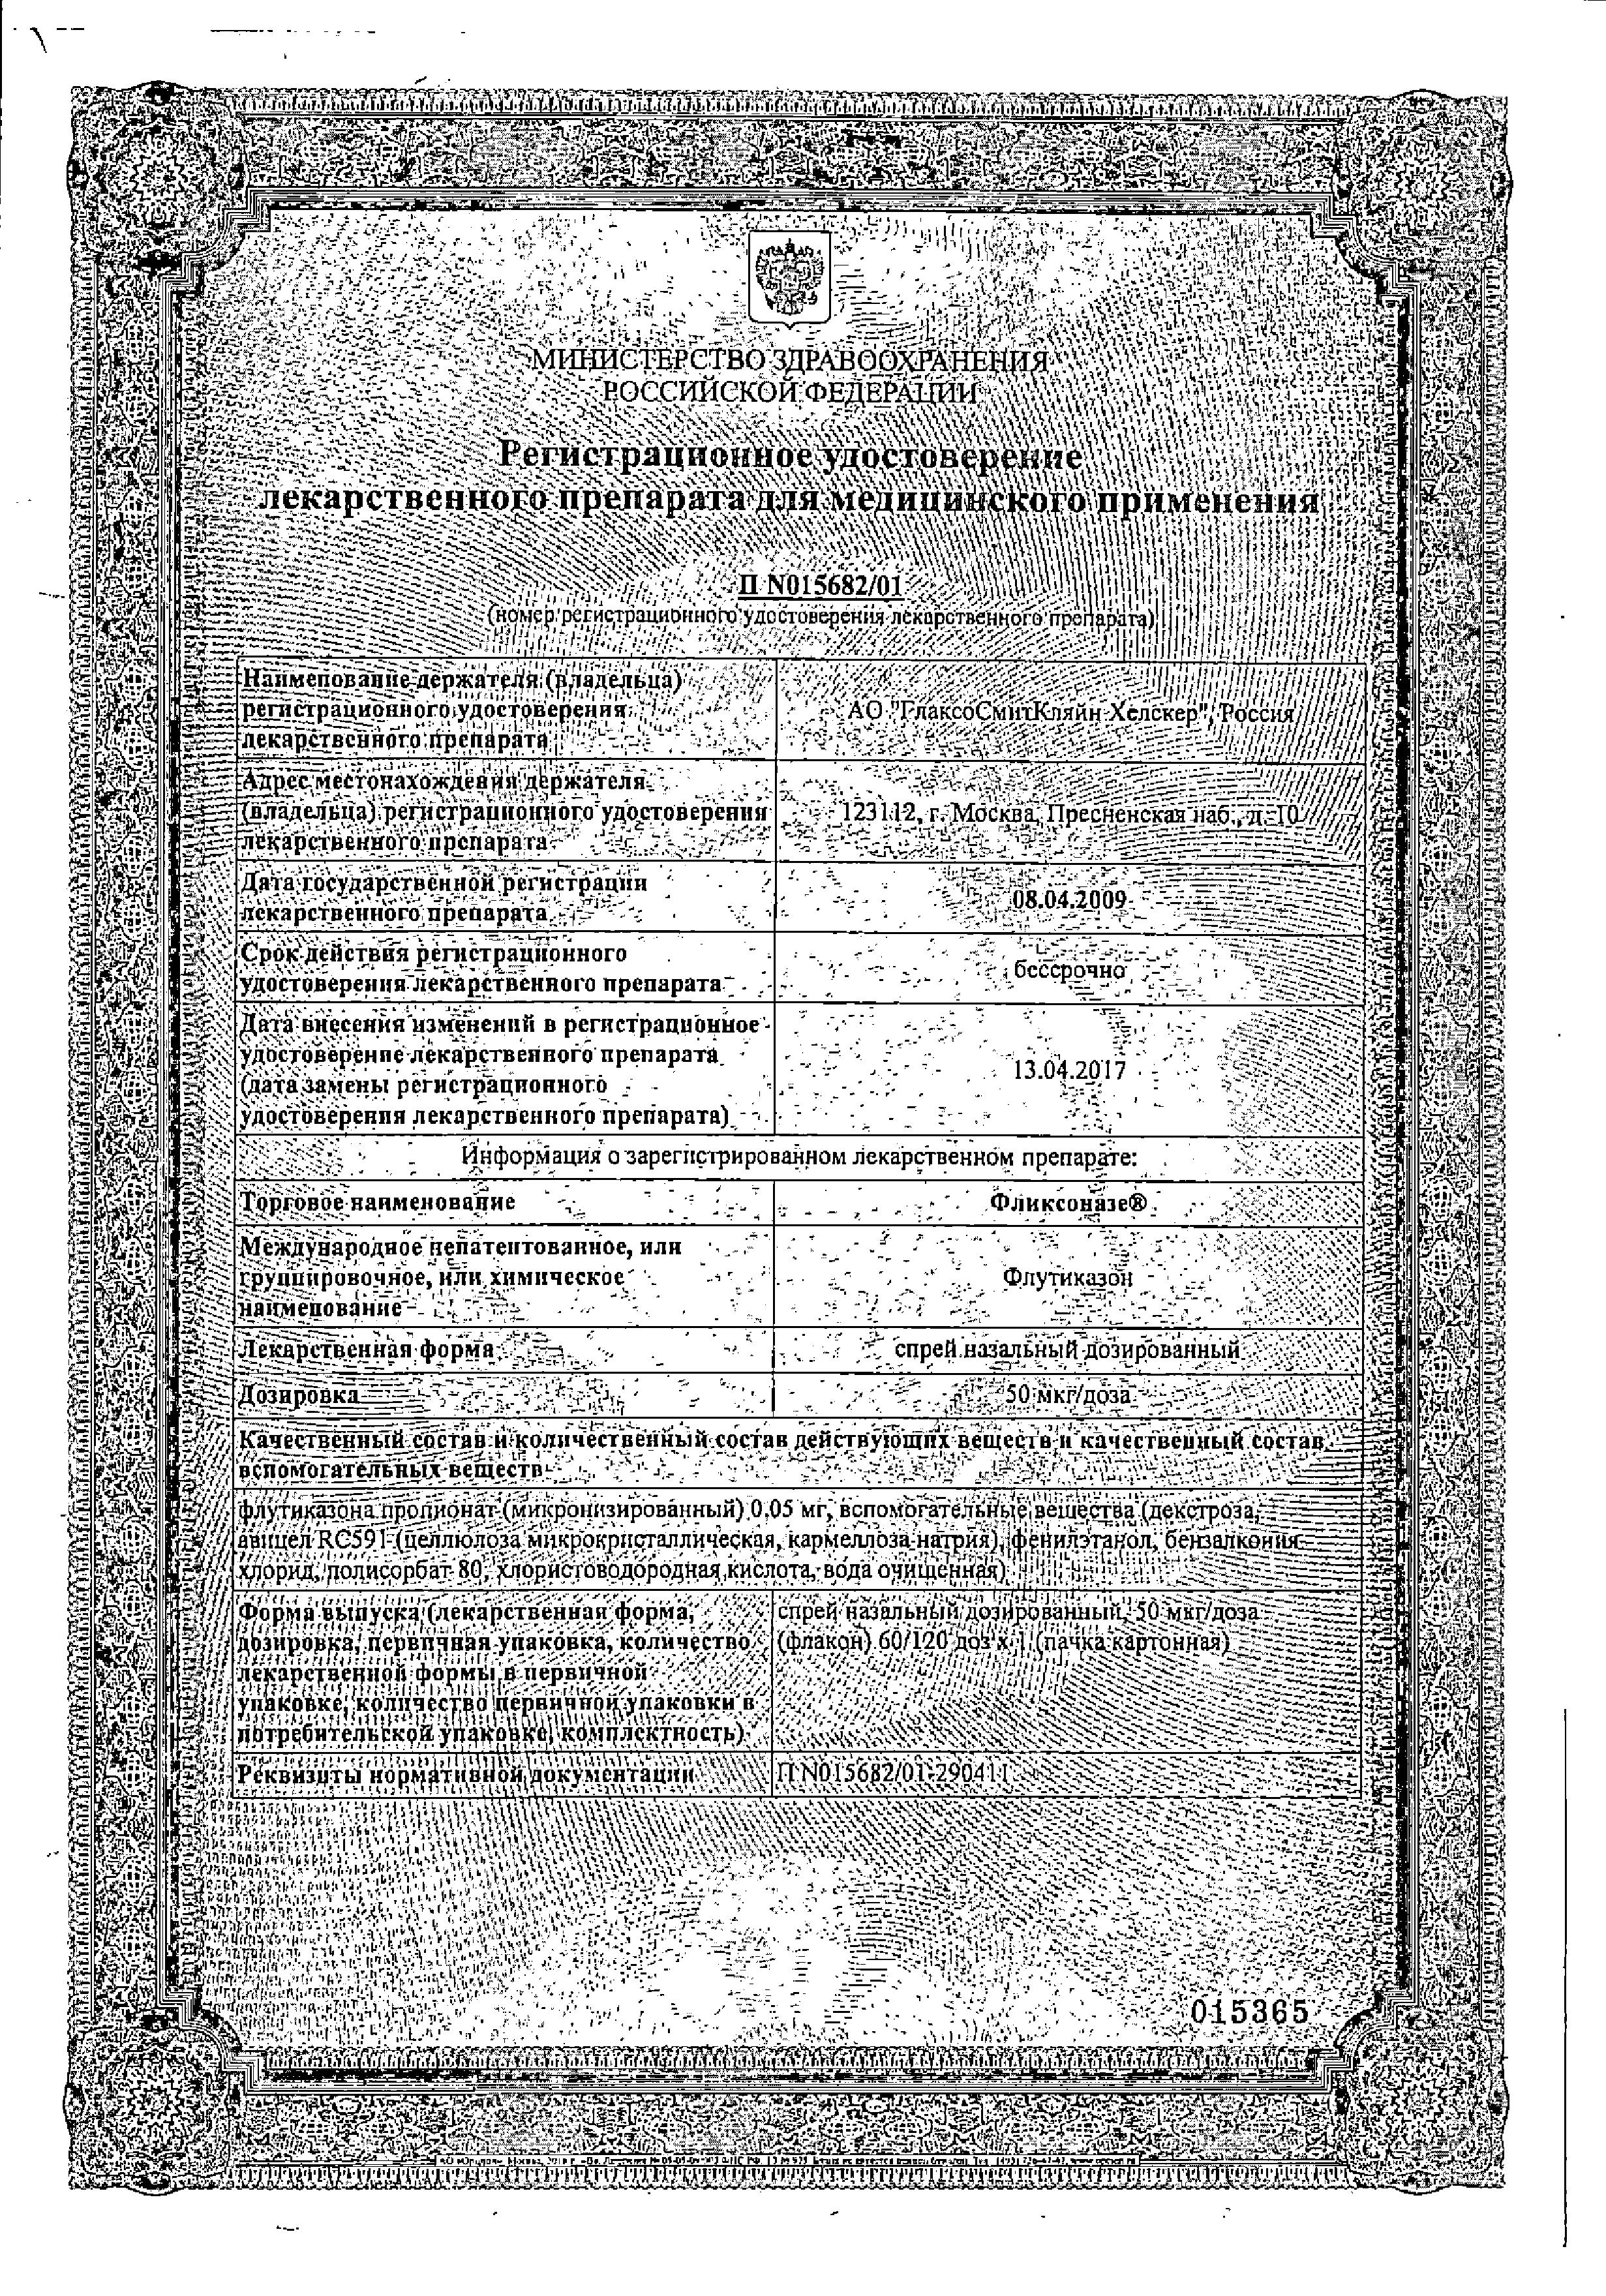 Фликсоназе сертификат